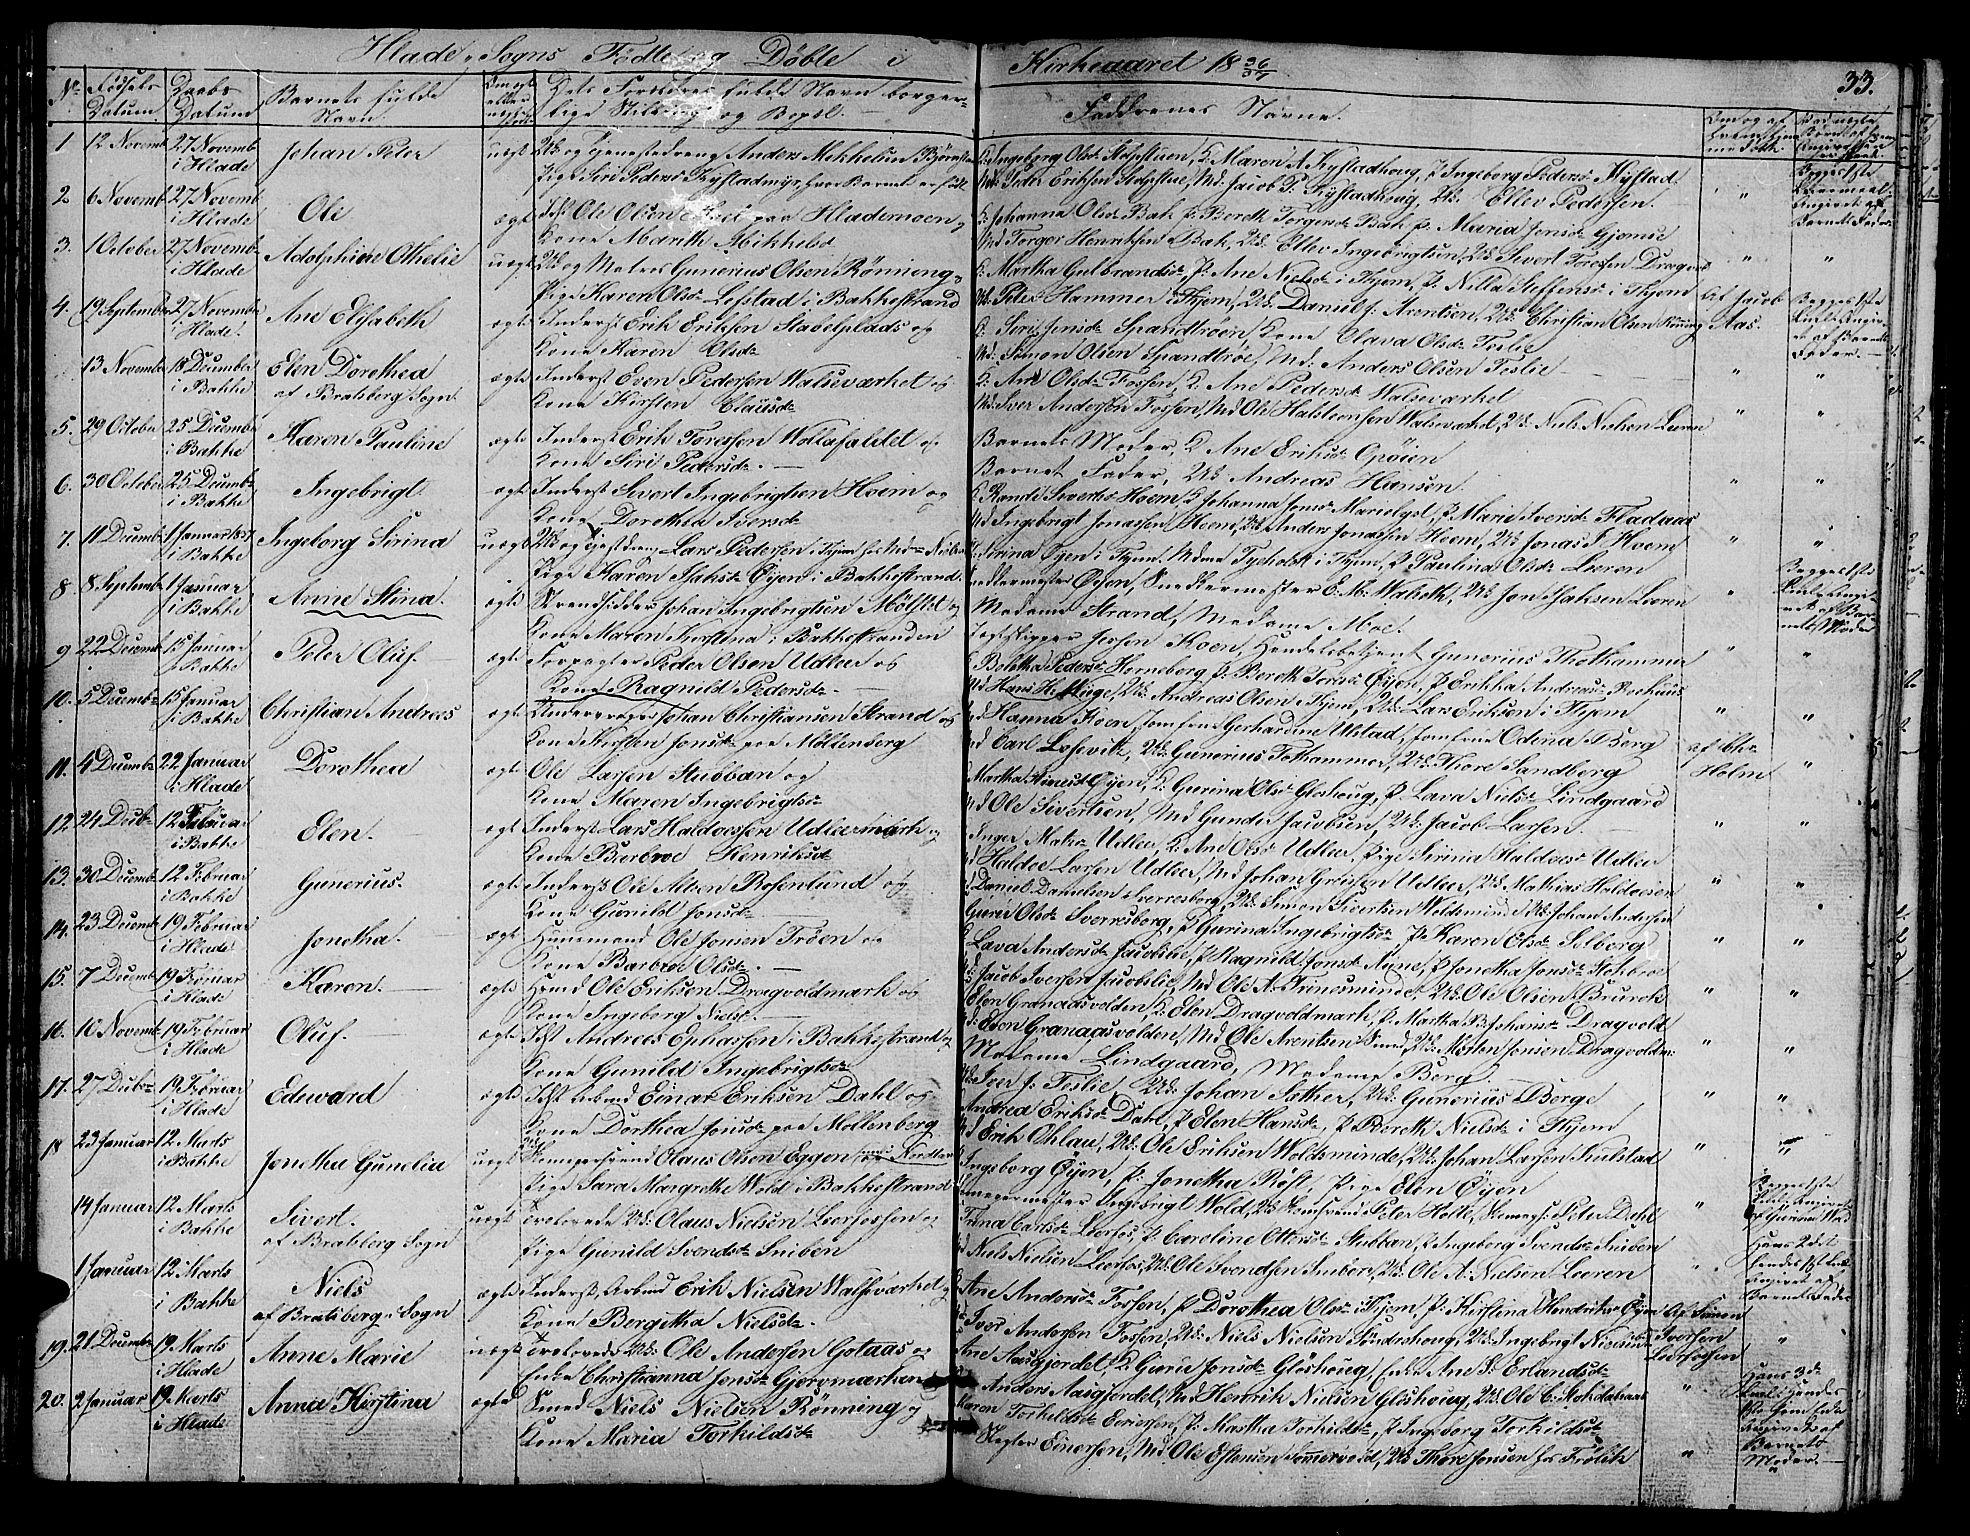 SAT, Ministerialprotokoller, klokkerbøker og fødselsregistre - Sør-Trøndelag, 606/L0308: Klokkerbok nr. 606C04, 1829-1840, s. 33